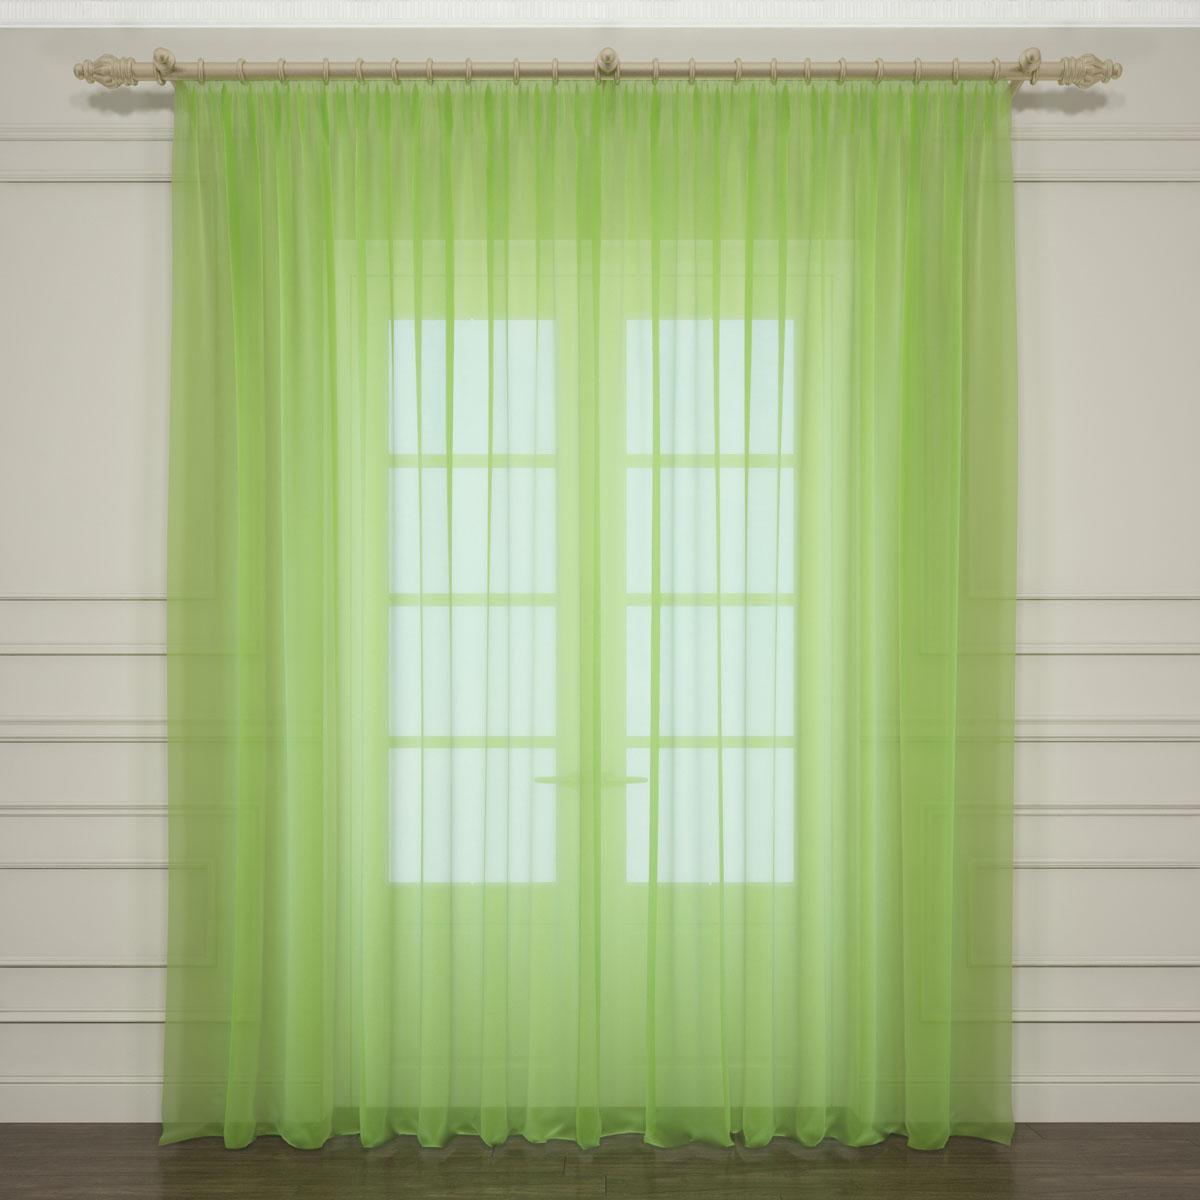 Тюль Сирень, на ленте, цвет: зеленый, высота 260 см704557Тюль Сирень из легкой парящей ткани - вуали - благодарясвоей прозрачности позволяет создать в комнате уютную атмосферу, отличнодополняет украшение любого окна. Ткань хорошо держит форму, не требуетспециального ухода. Крепление на карниз при помощи шторной ленты на крючки. Рекомендации по уходу: стирка при 30 градусах, гладить при температуре до 110градусов.Изображение на мониторе может немного отличаться от реального.